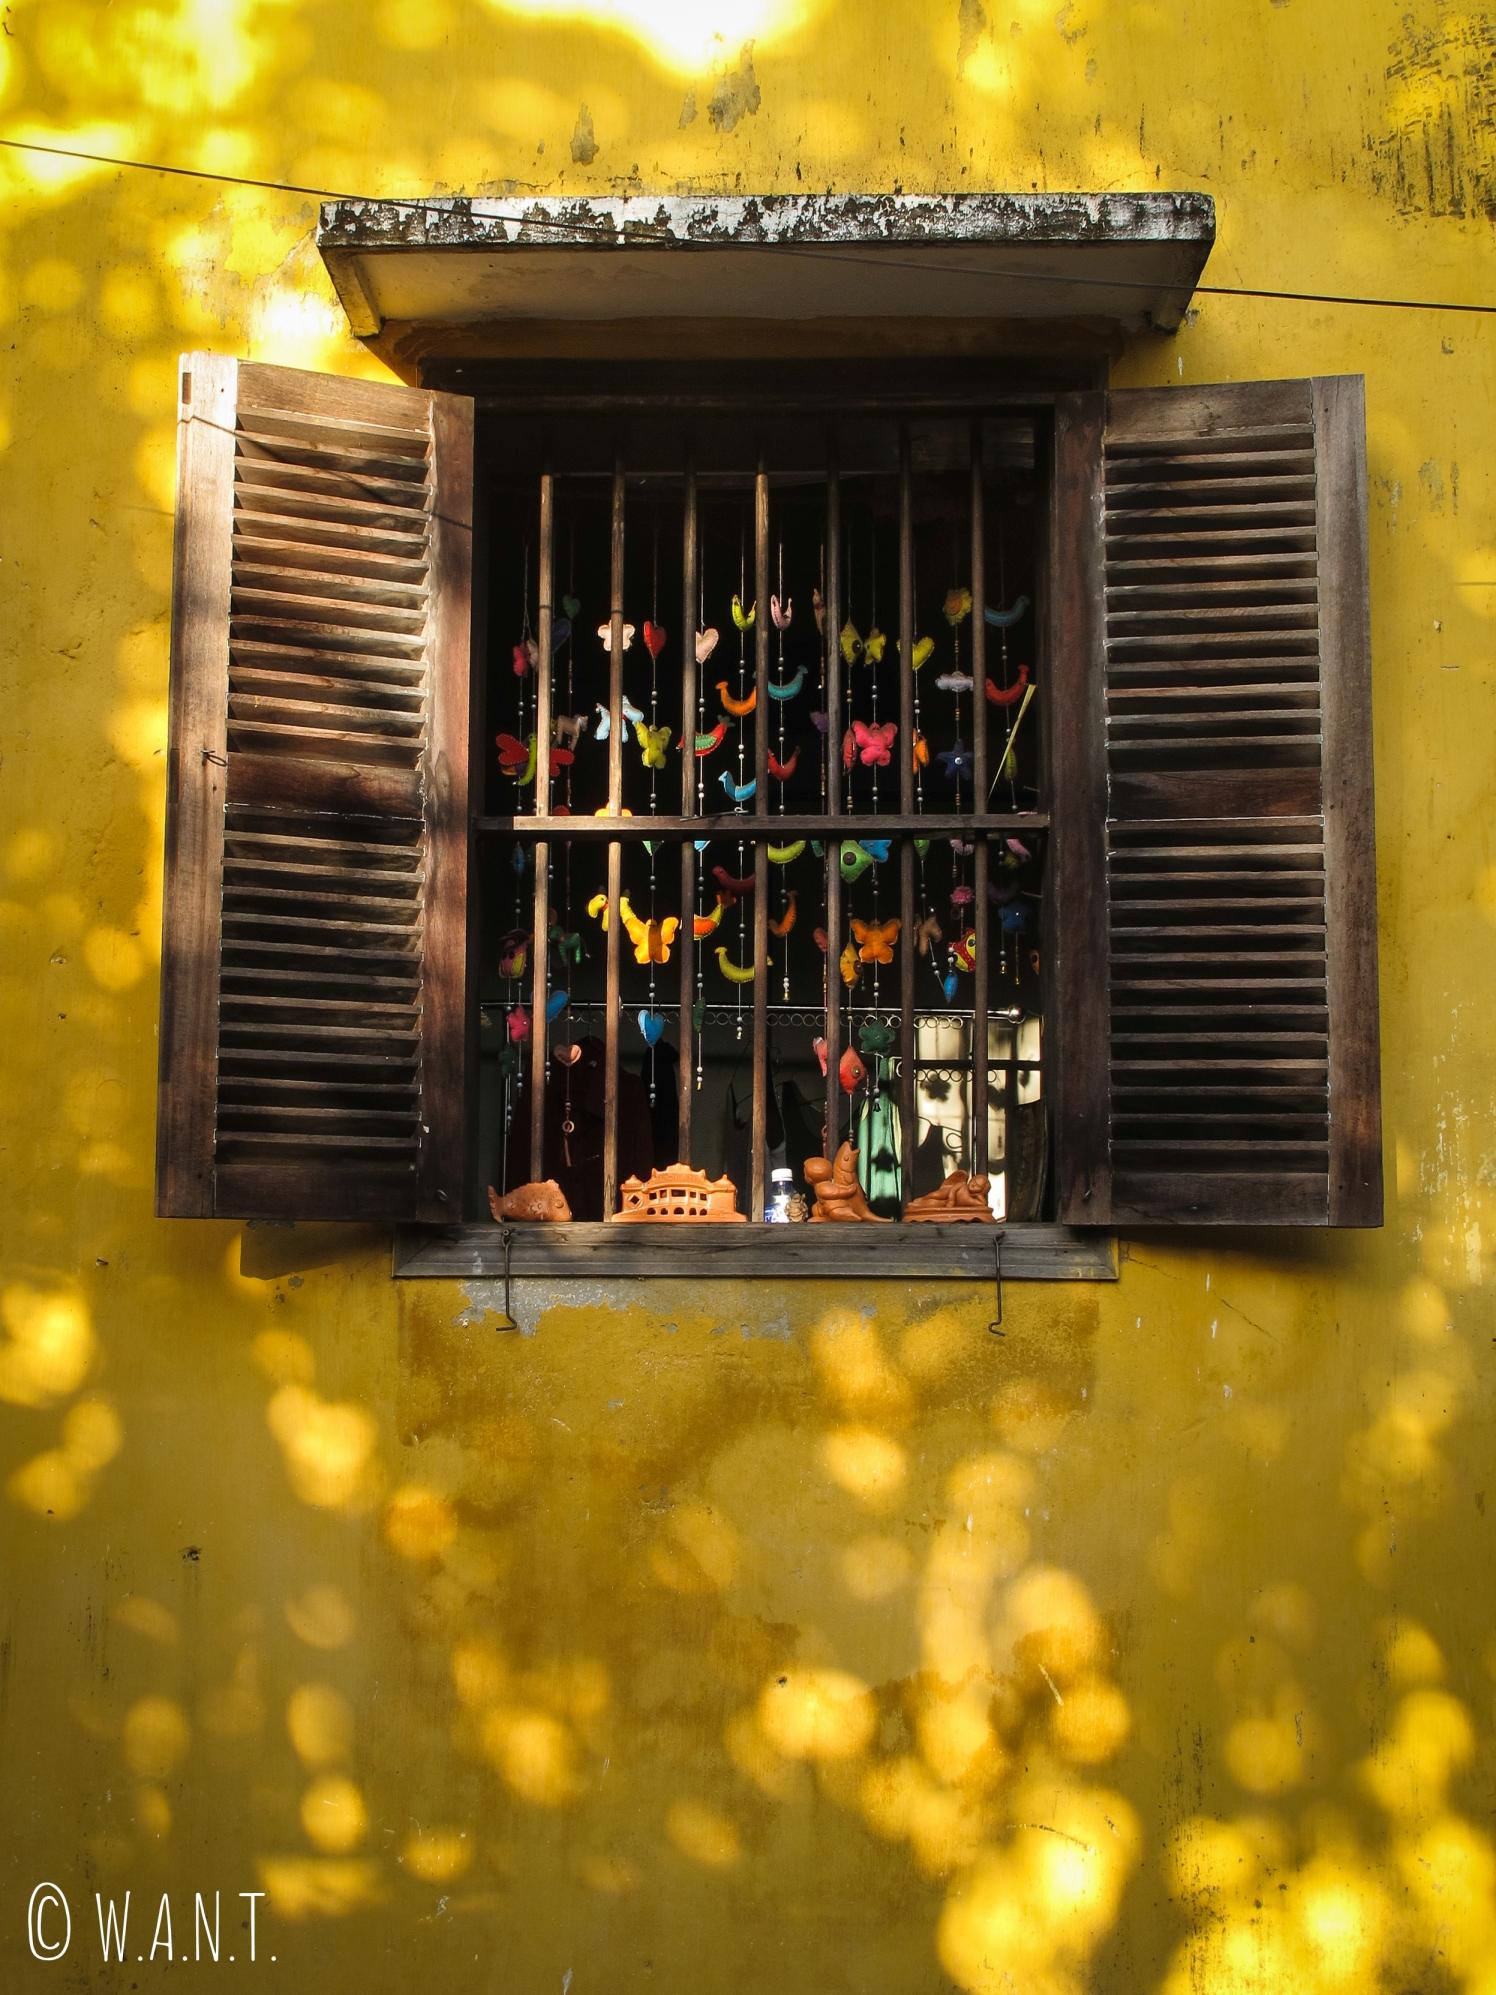 Fenêtre d'une bâtisse jaune de la vieille ville de Hoi An